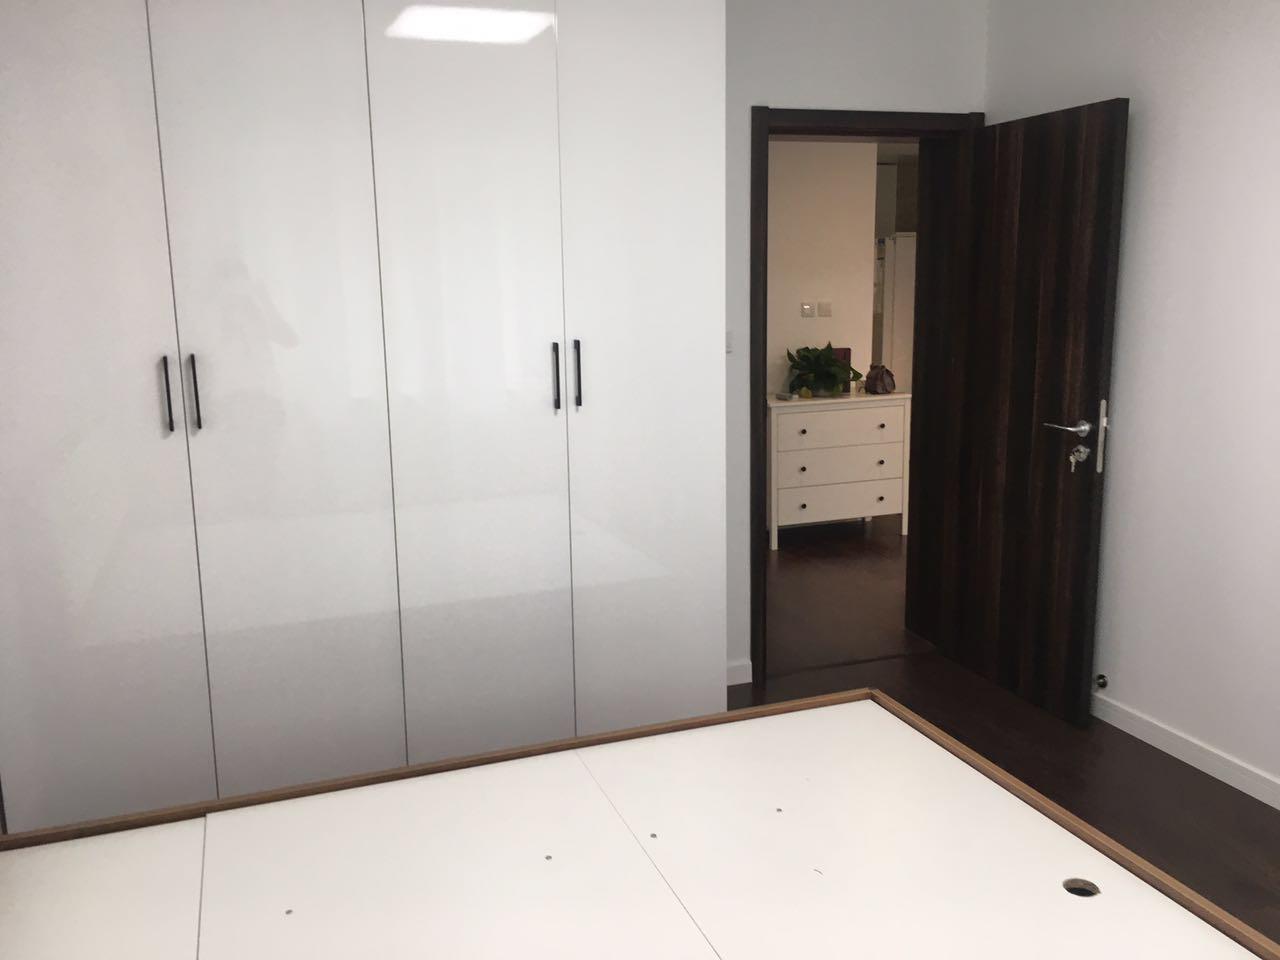 卧室色调延续整体风格,虽然选用深色系的爱空间标配的内门和地板,但定制的白色的大衣柜因为自带镜面效果。